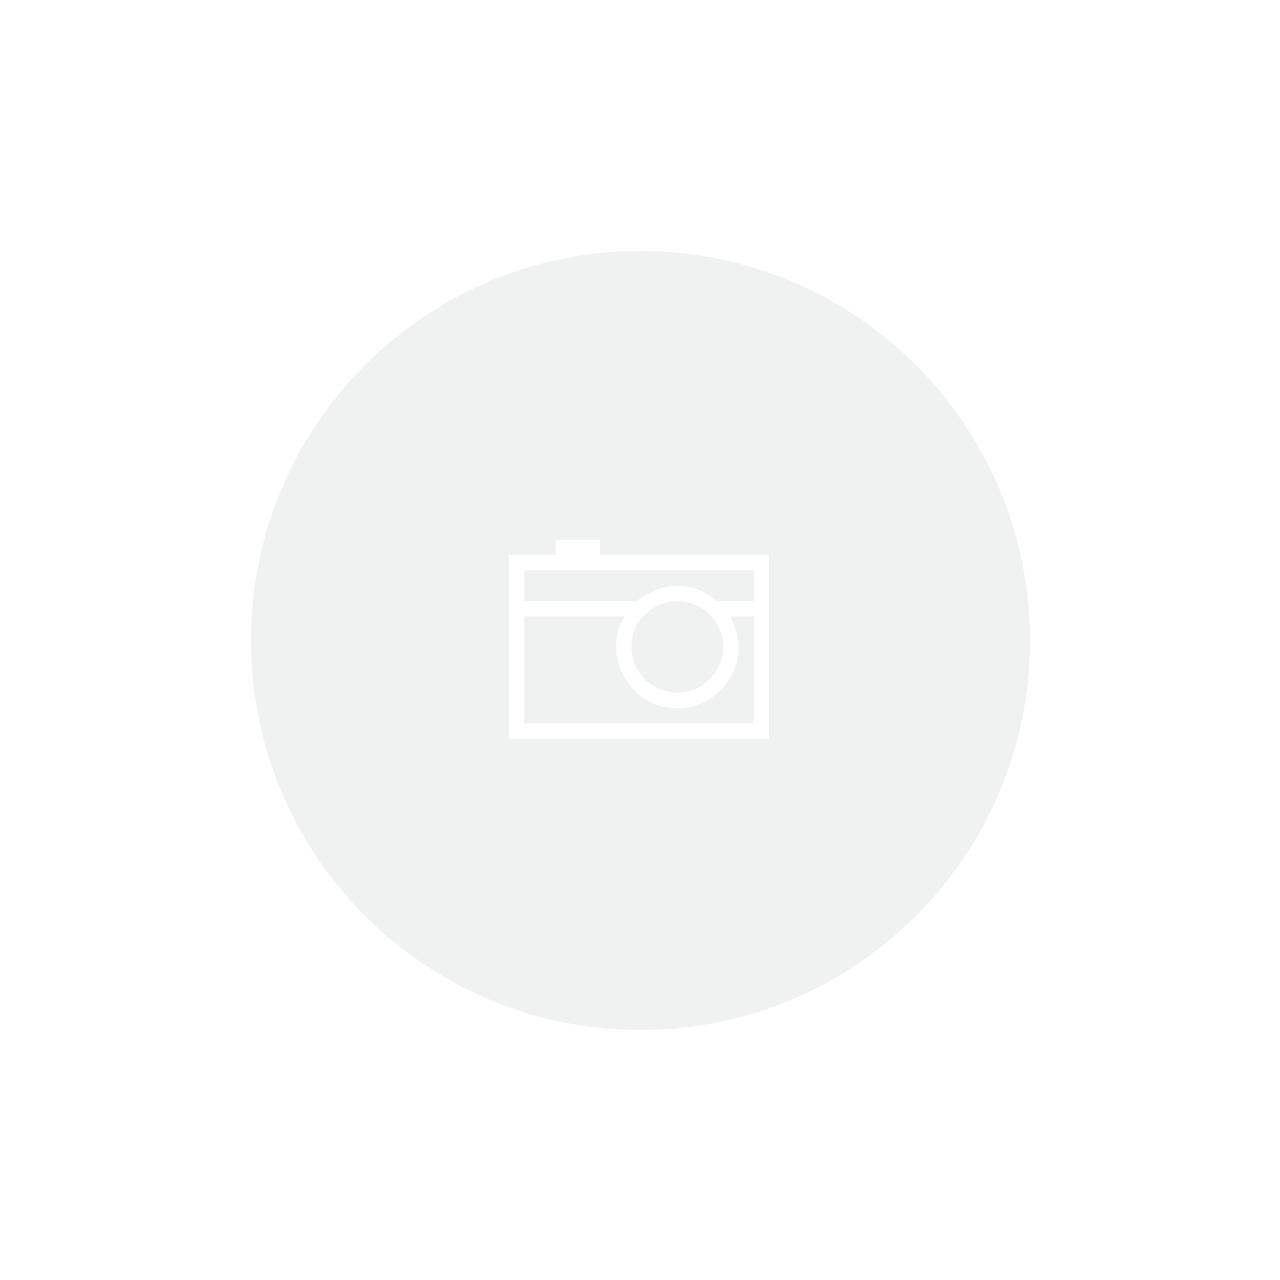 BAGAGEIRO THULE TOUR (100016)